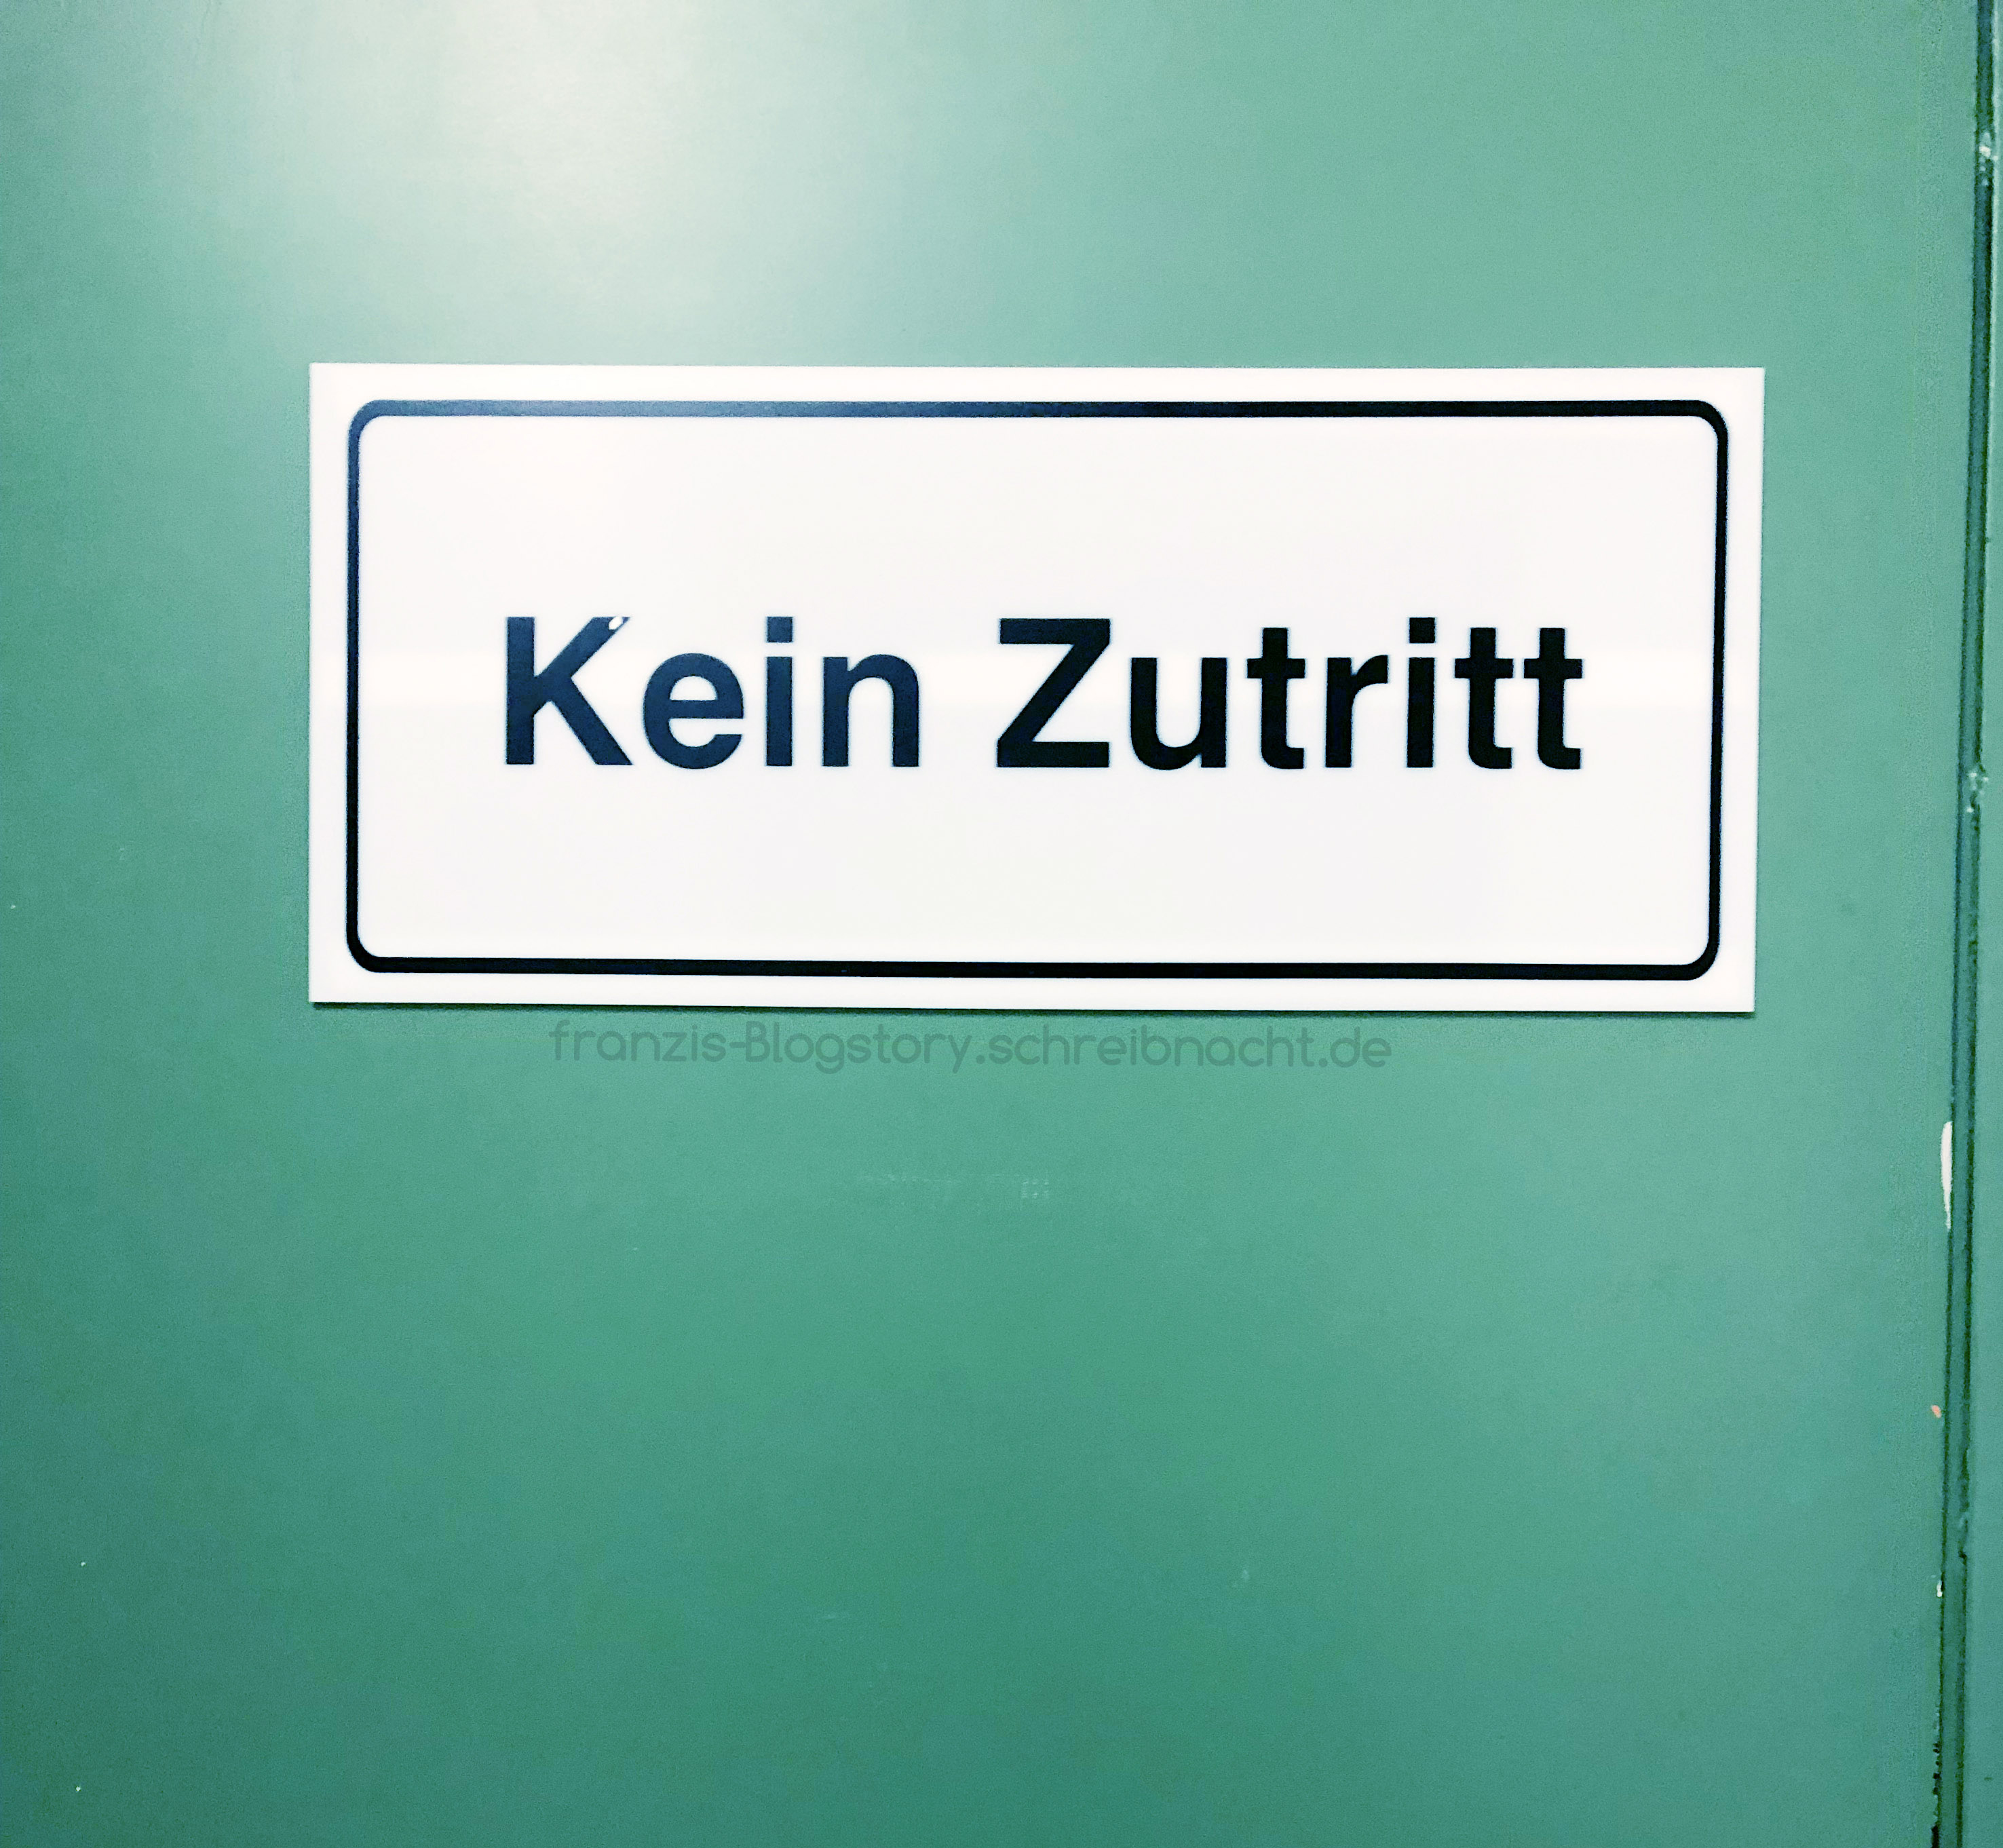 Kein Zutritt! Nur für OP-Personal. franzis-Blogstory.schreibnacht.de